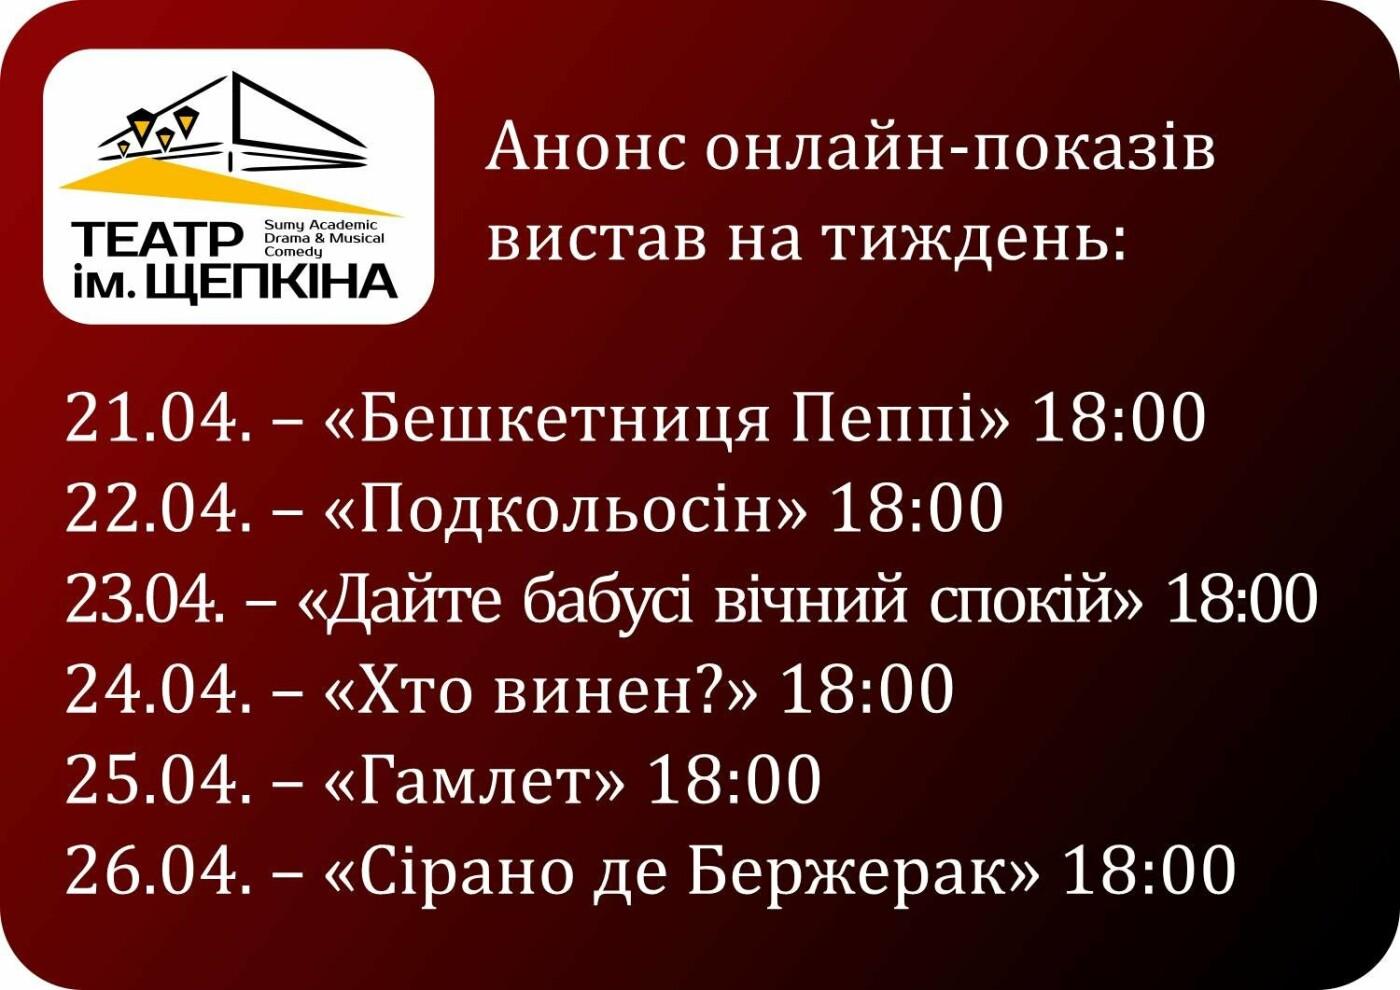 Театр ім. Щепкіна у Сумах анонсував онлайн-перегляд вистав на тиждень, фото-1